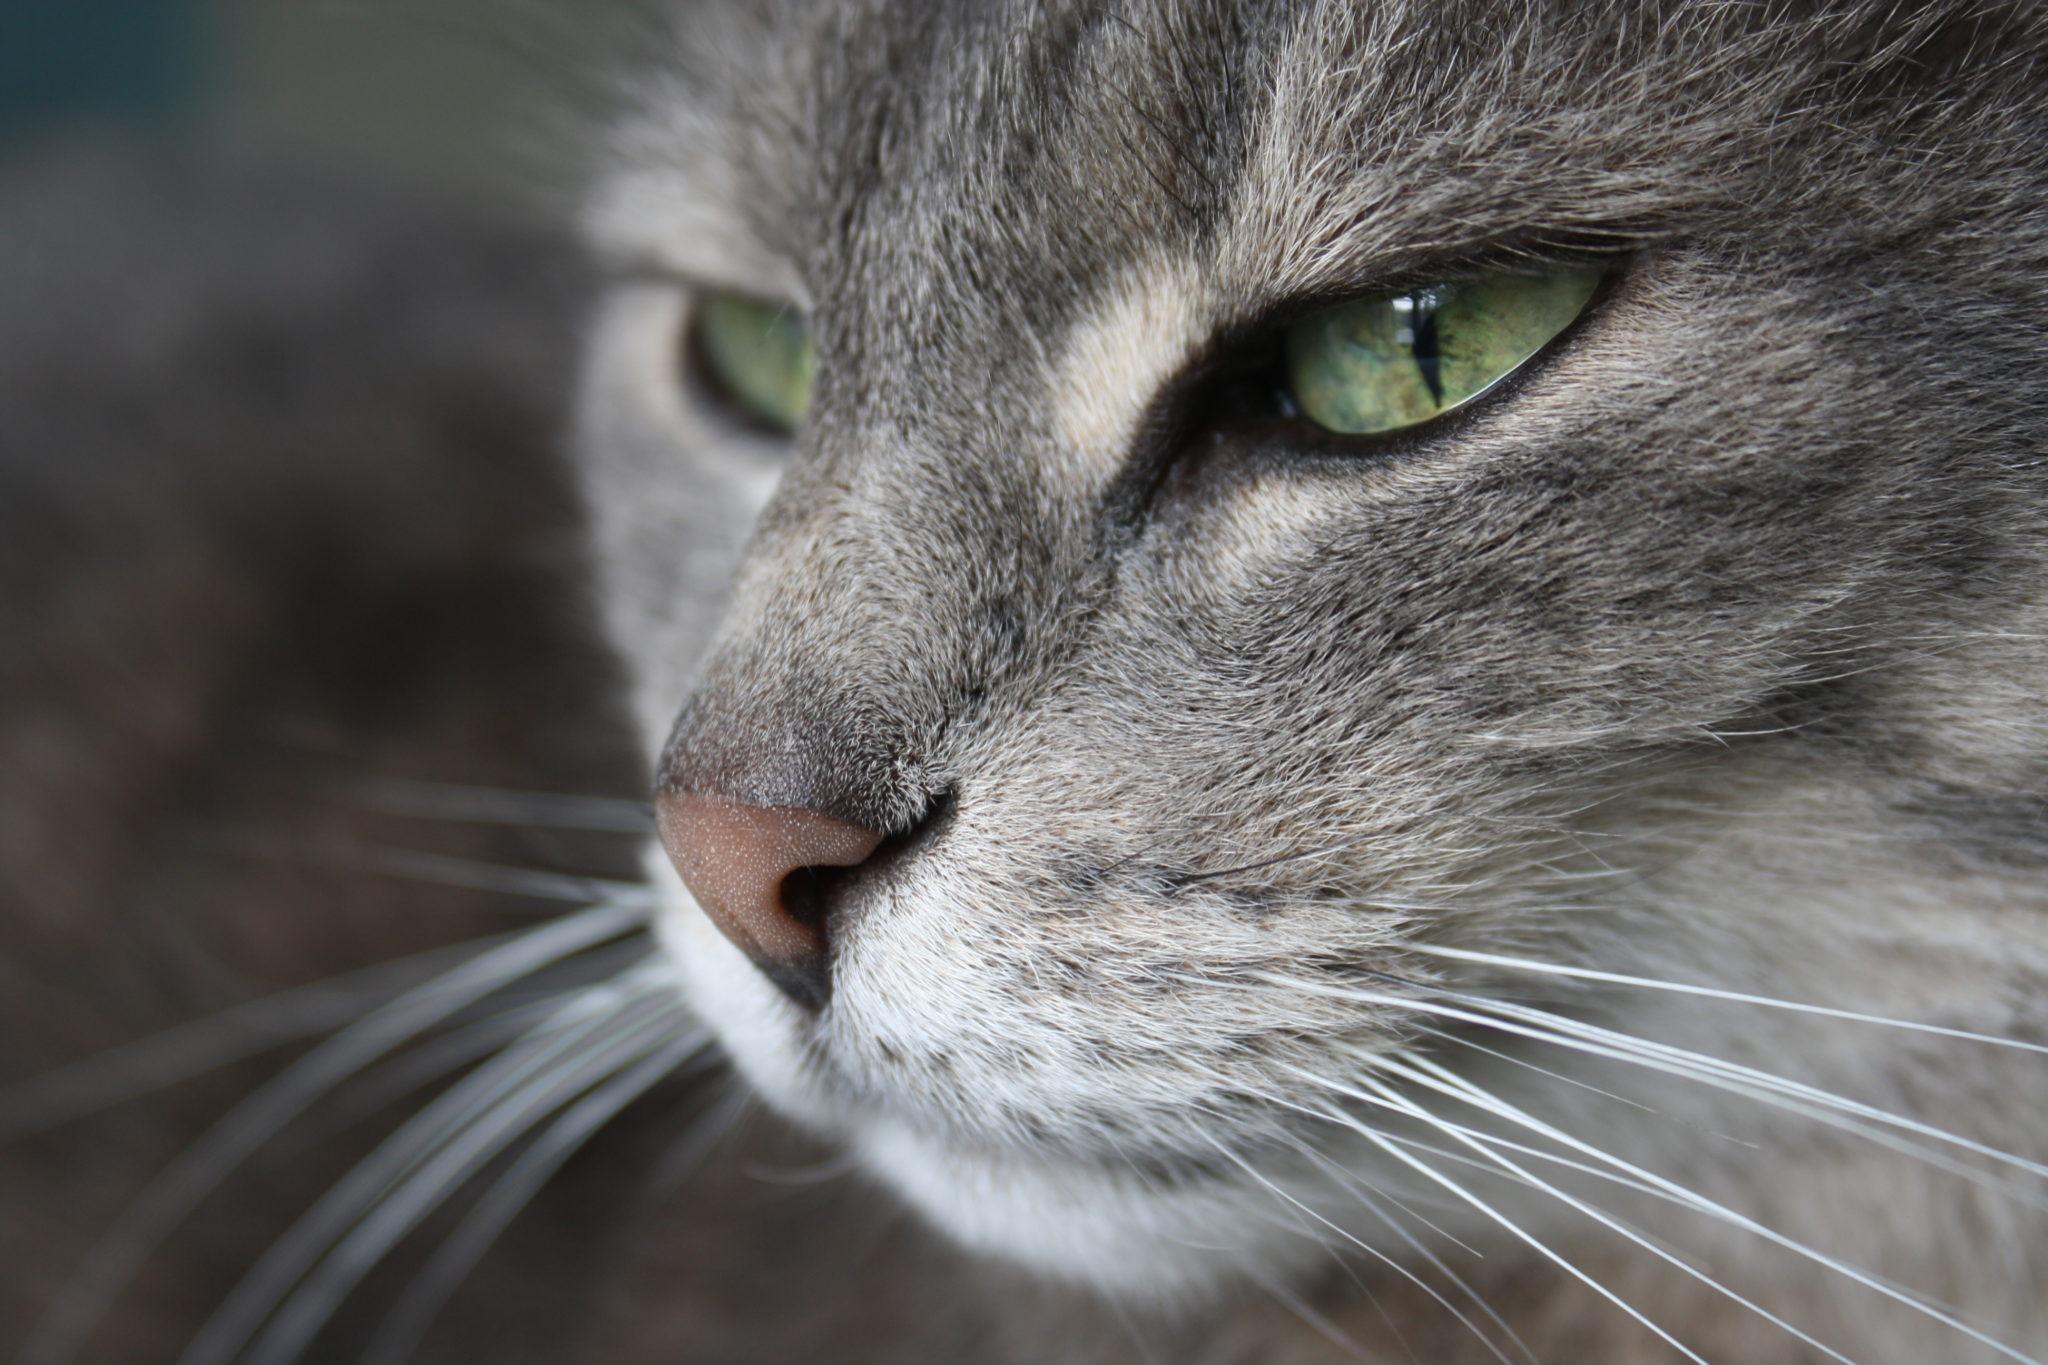 Il gatto europeo gattissimi for Gatti con occhi diversi